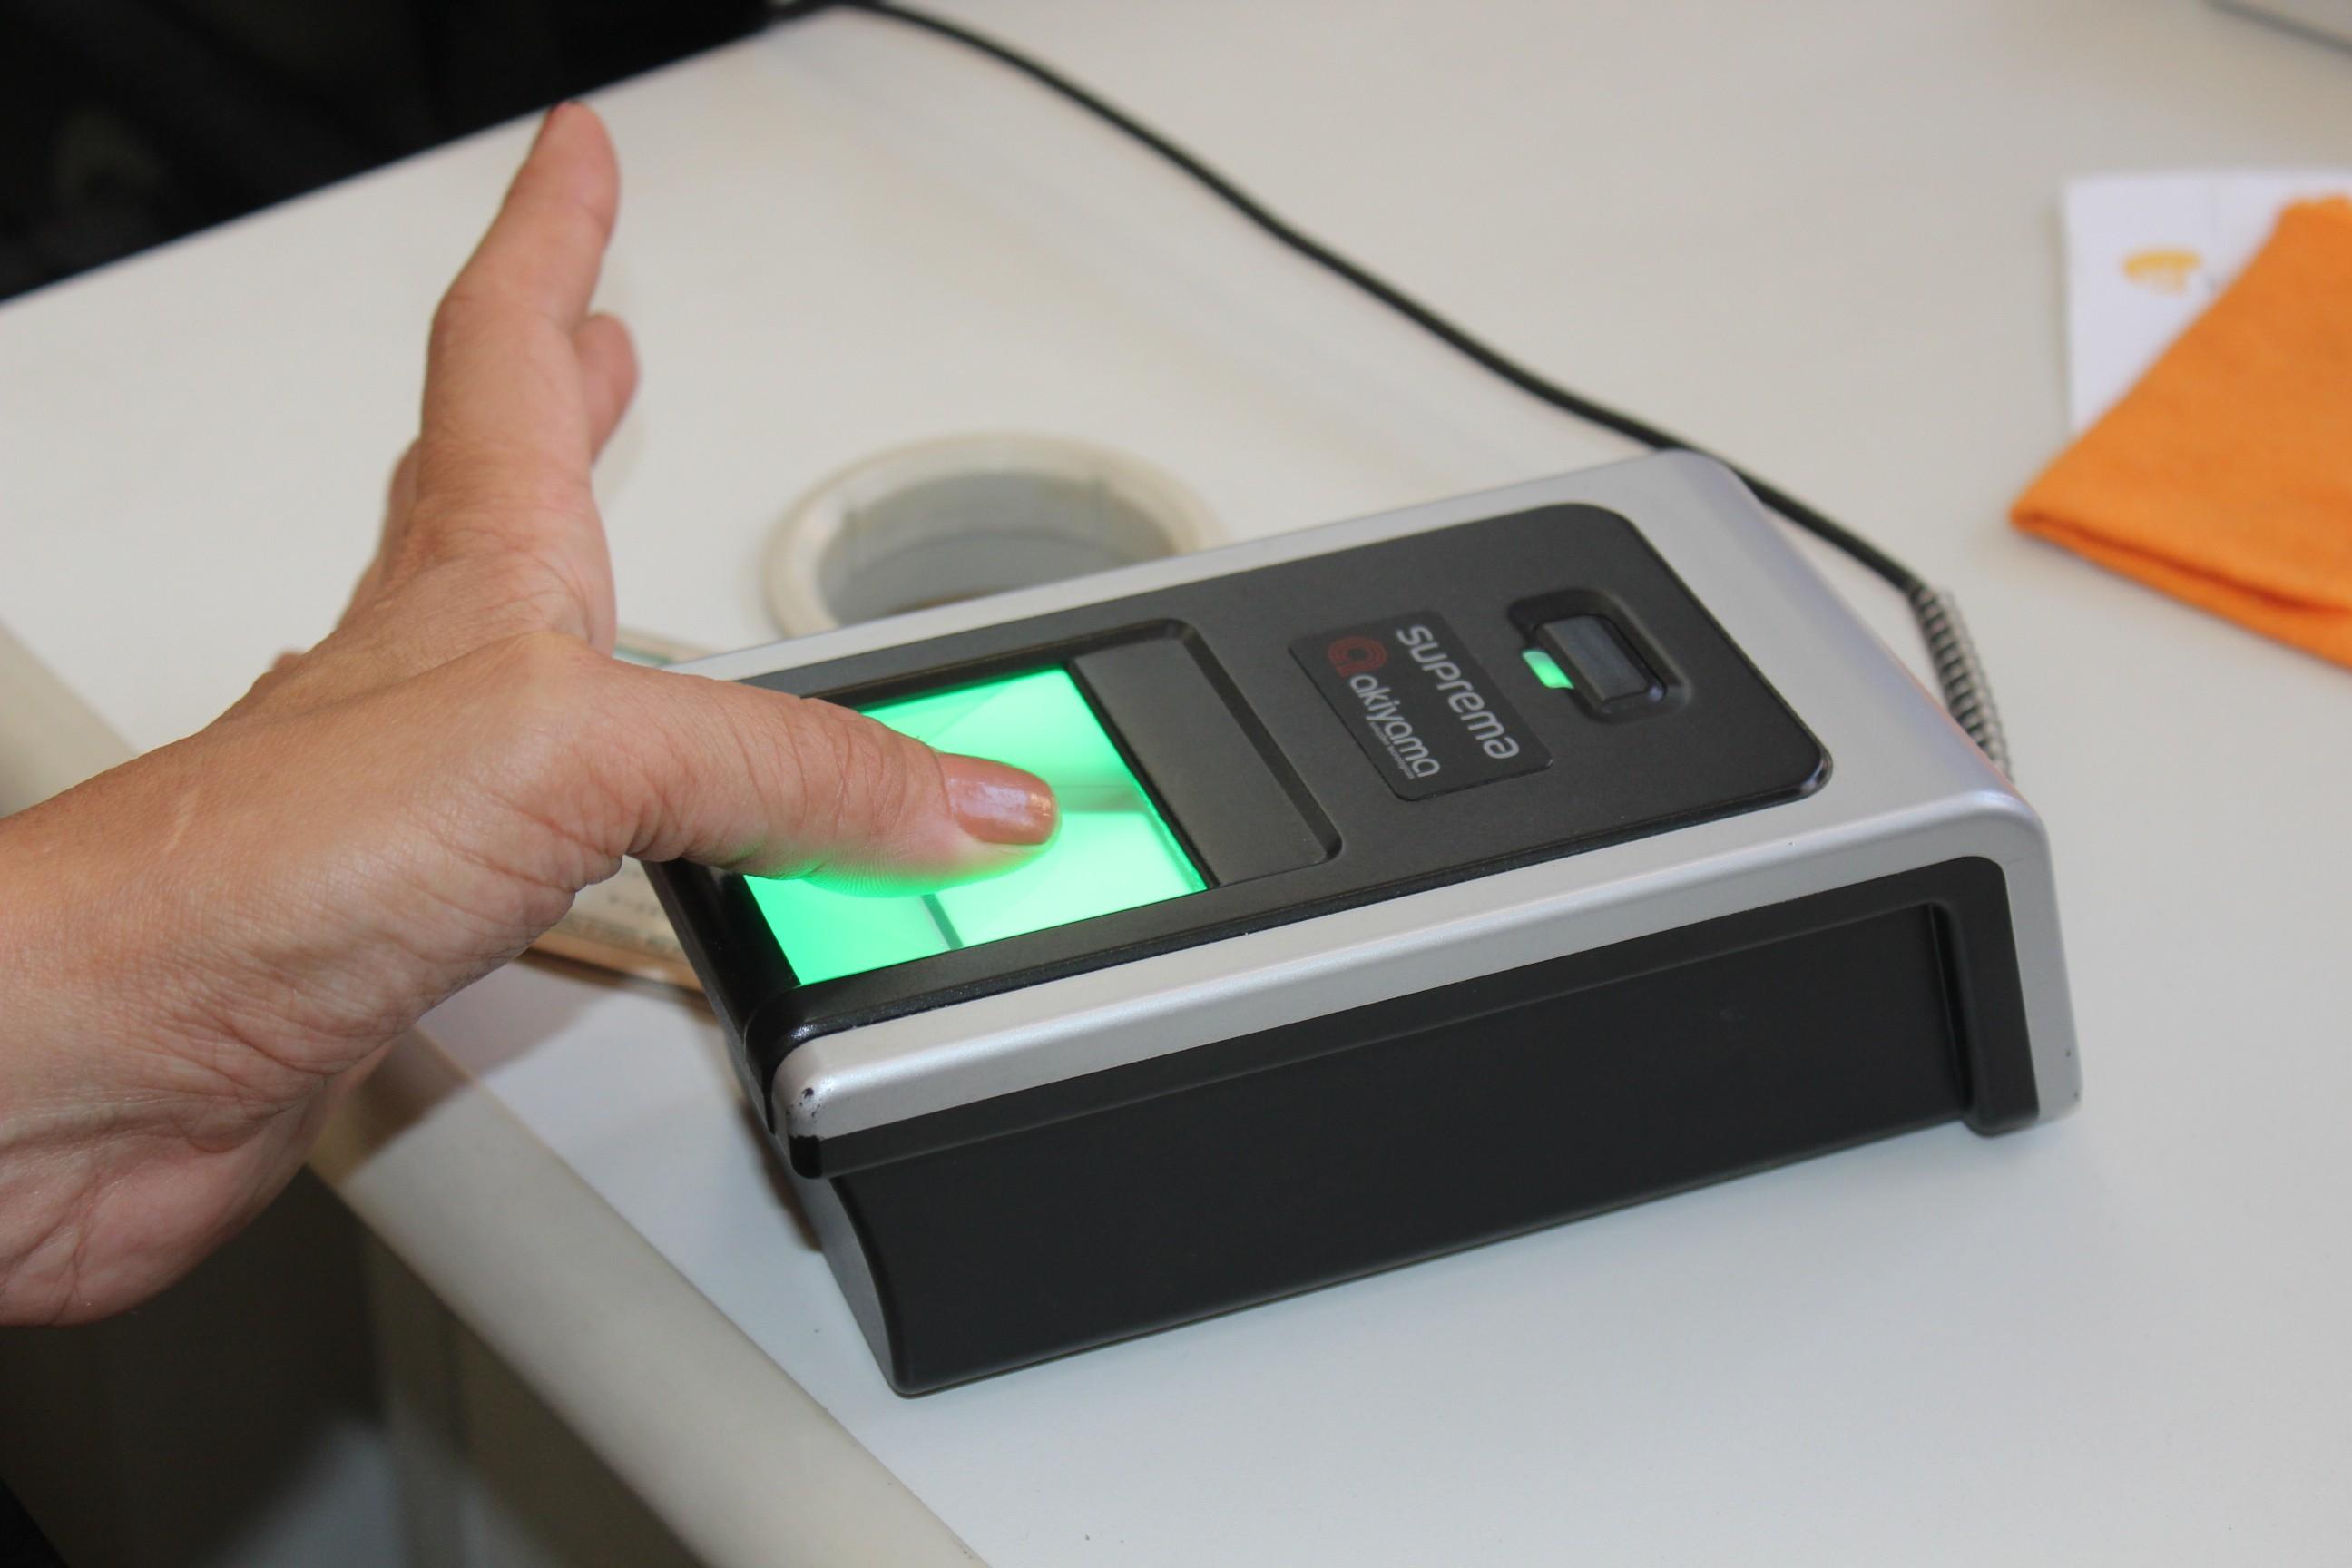 Região de Piracicaba tem plantão para cadastro biométrico de eleitores neste sábado - Notícias - Plantão Diário